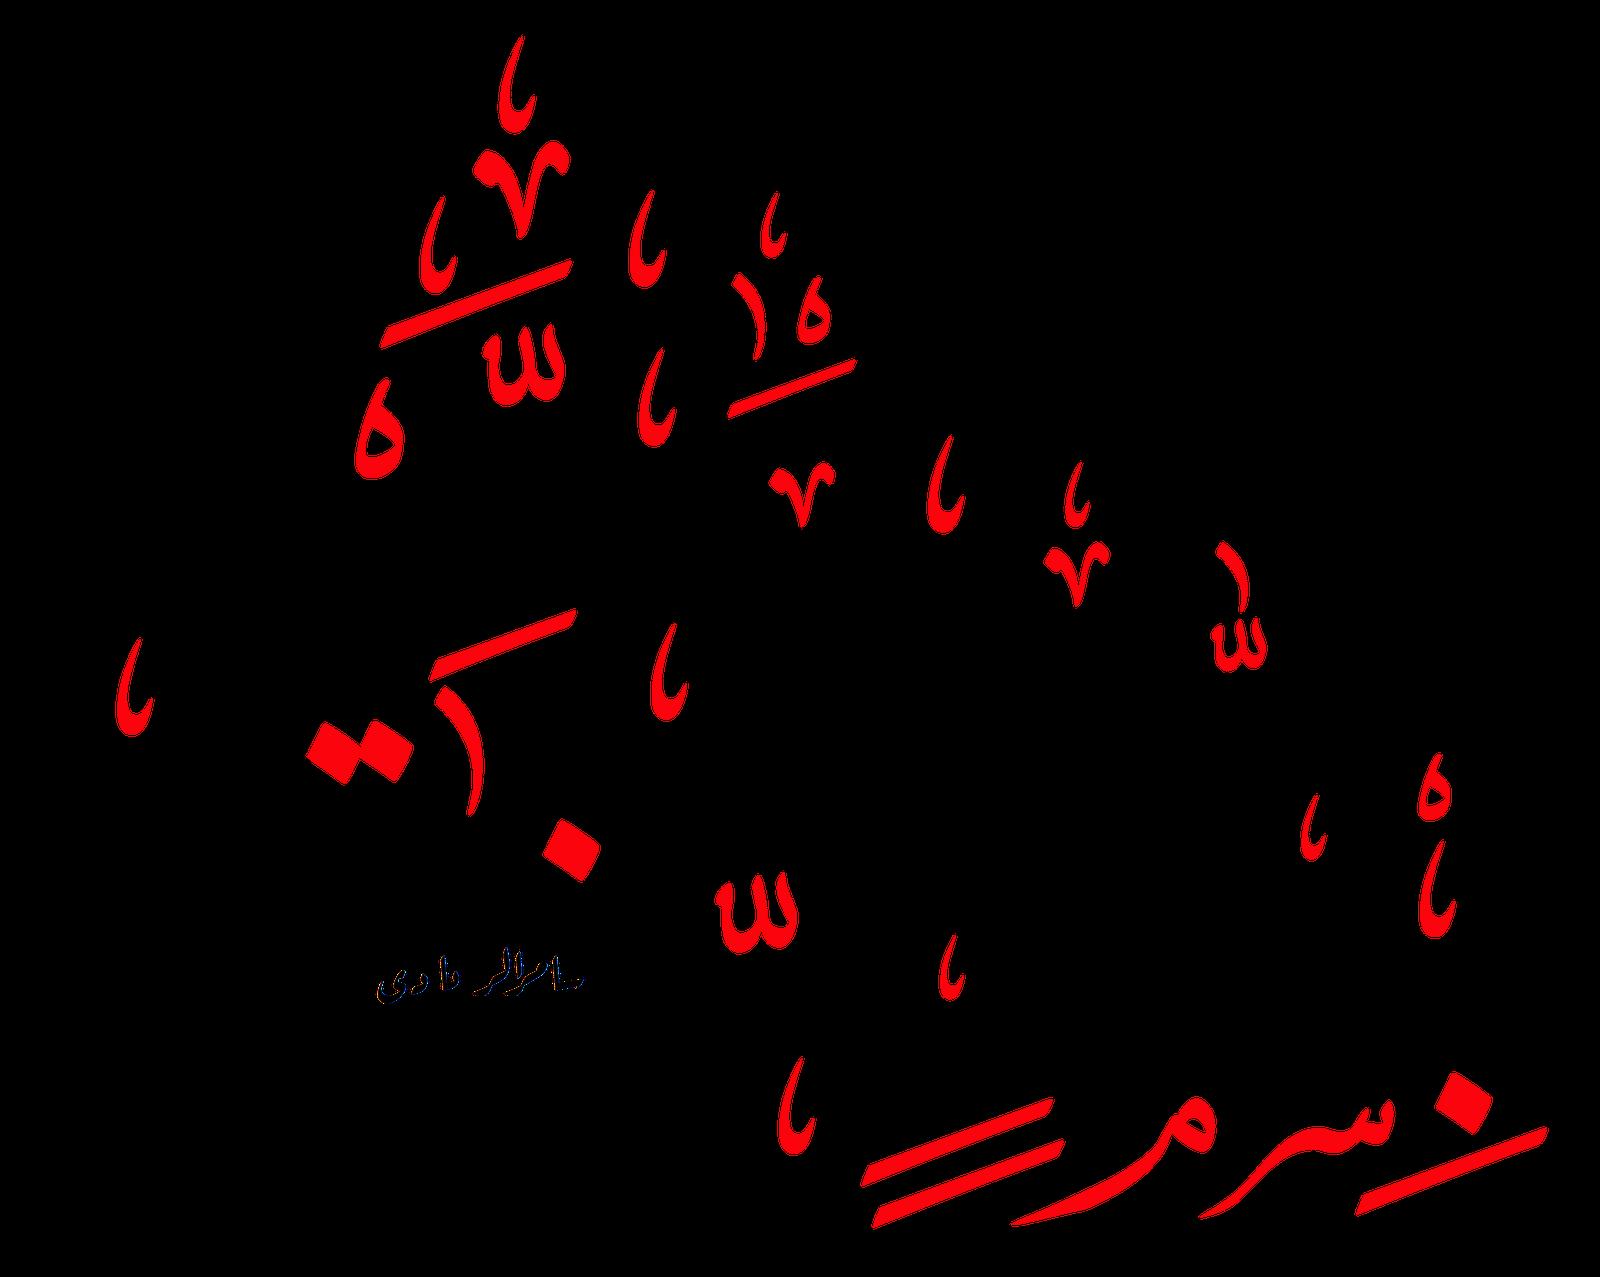 كتابًا متشابهًا tarafından ٤١. سورة فصلت panosundaki Sanat